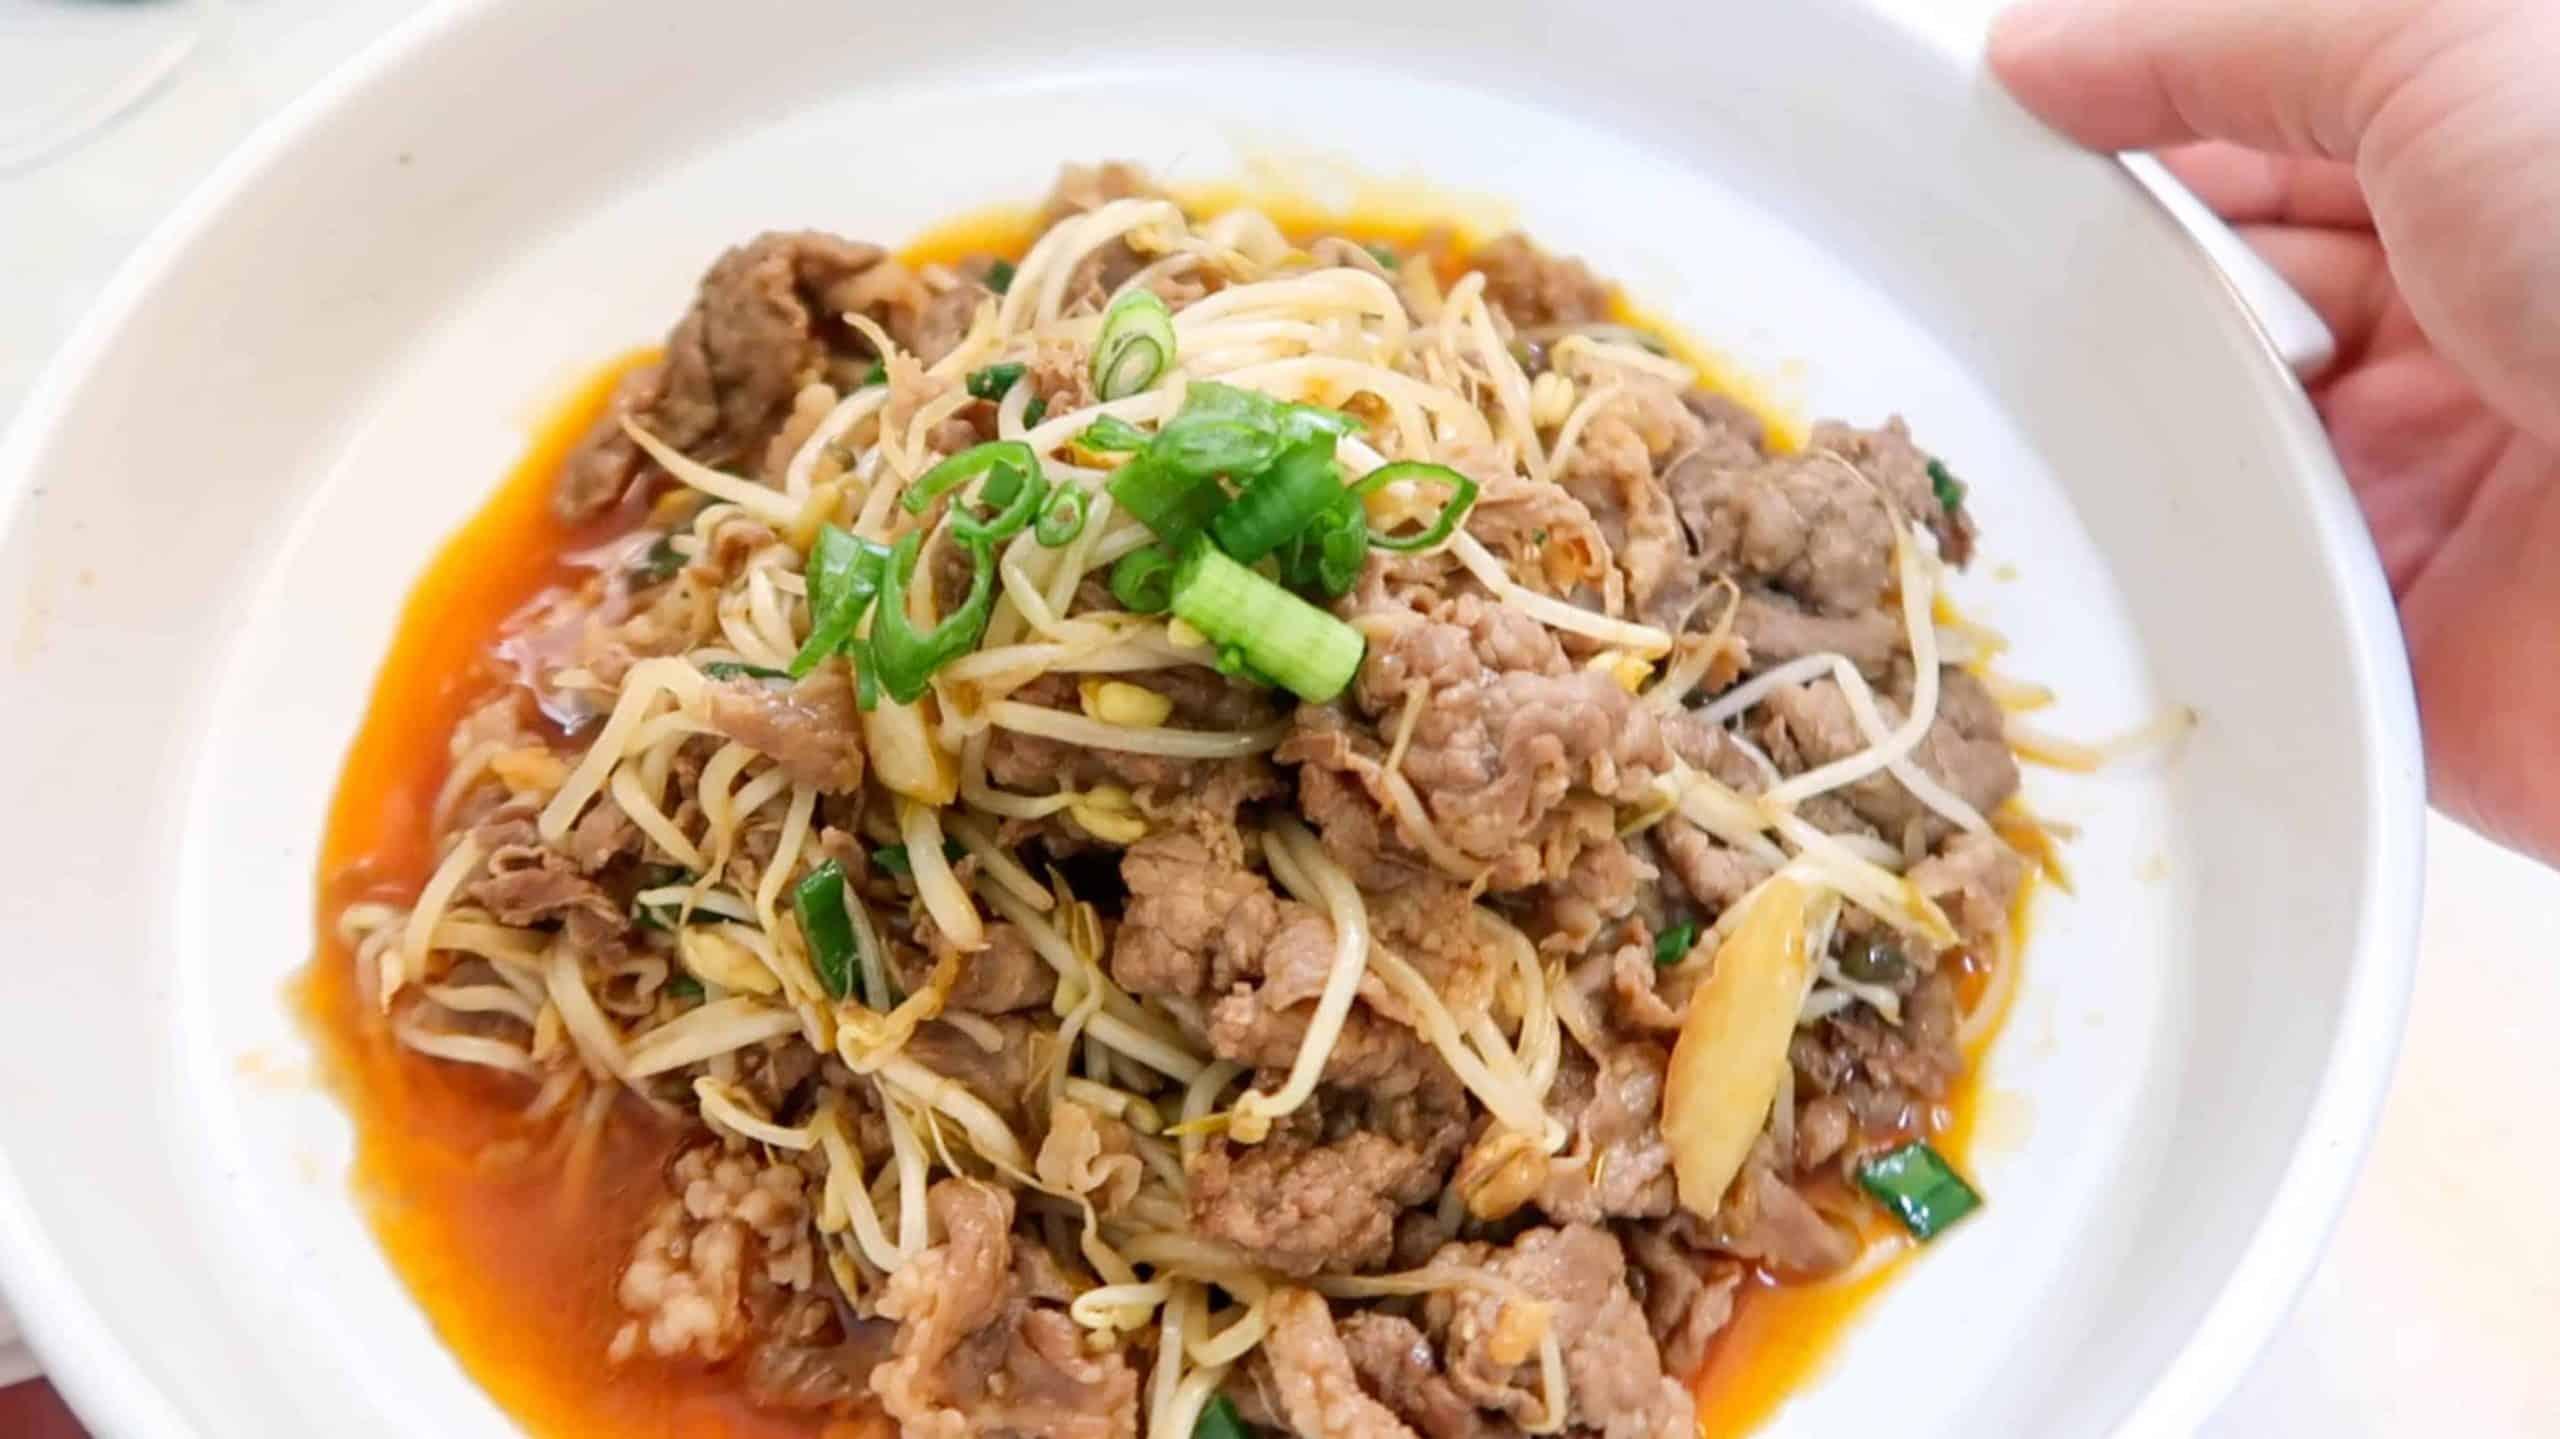 Izakaya Recipes - Beef Brisket & Beansprout Stirfry